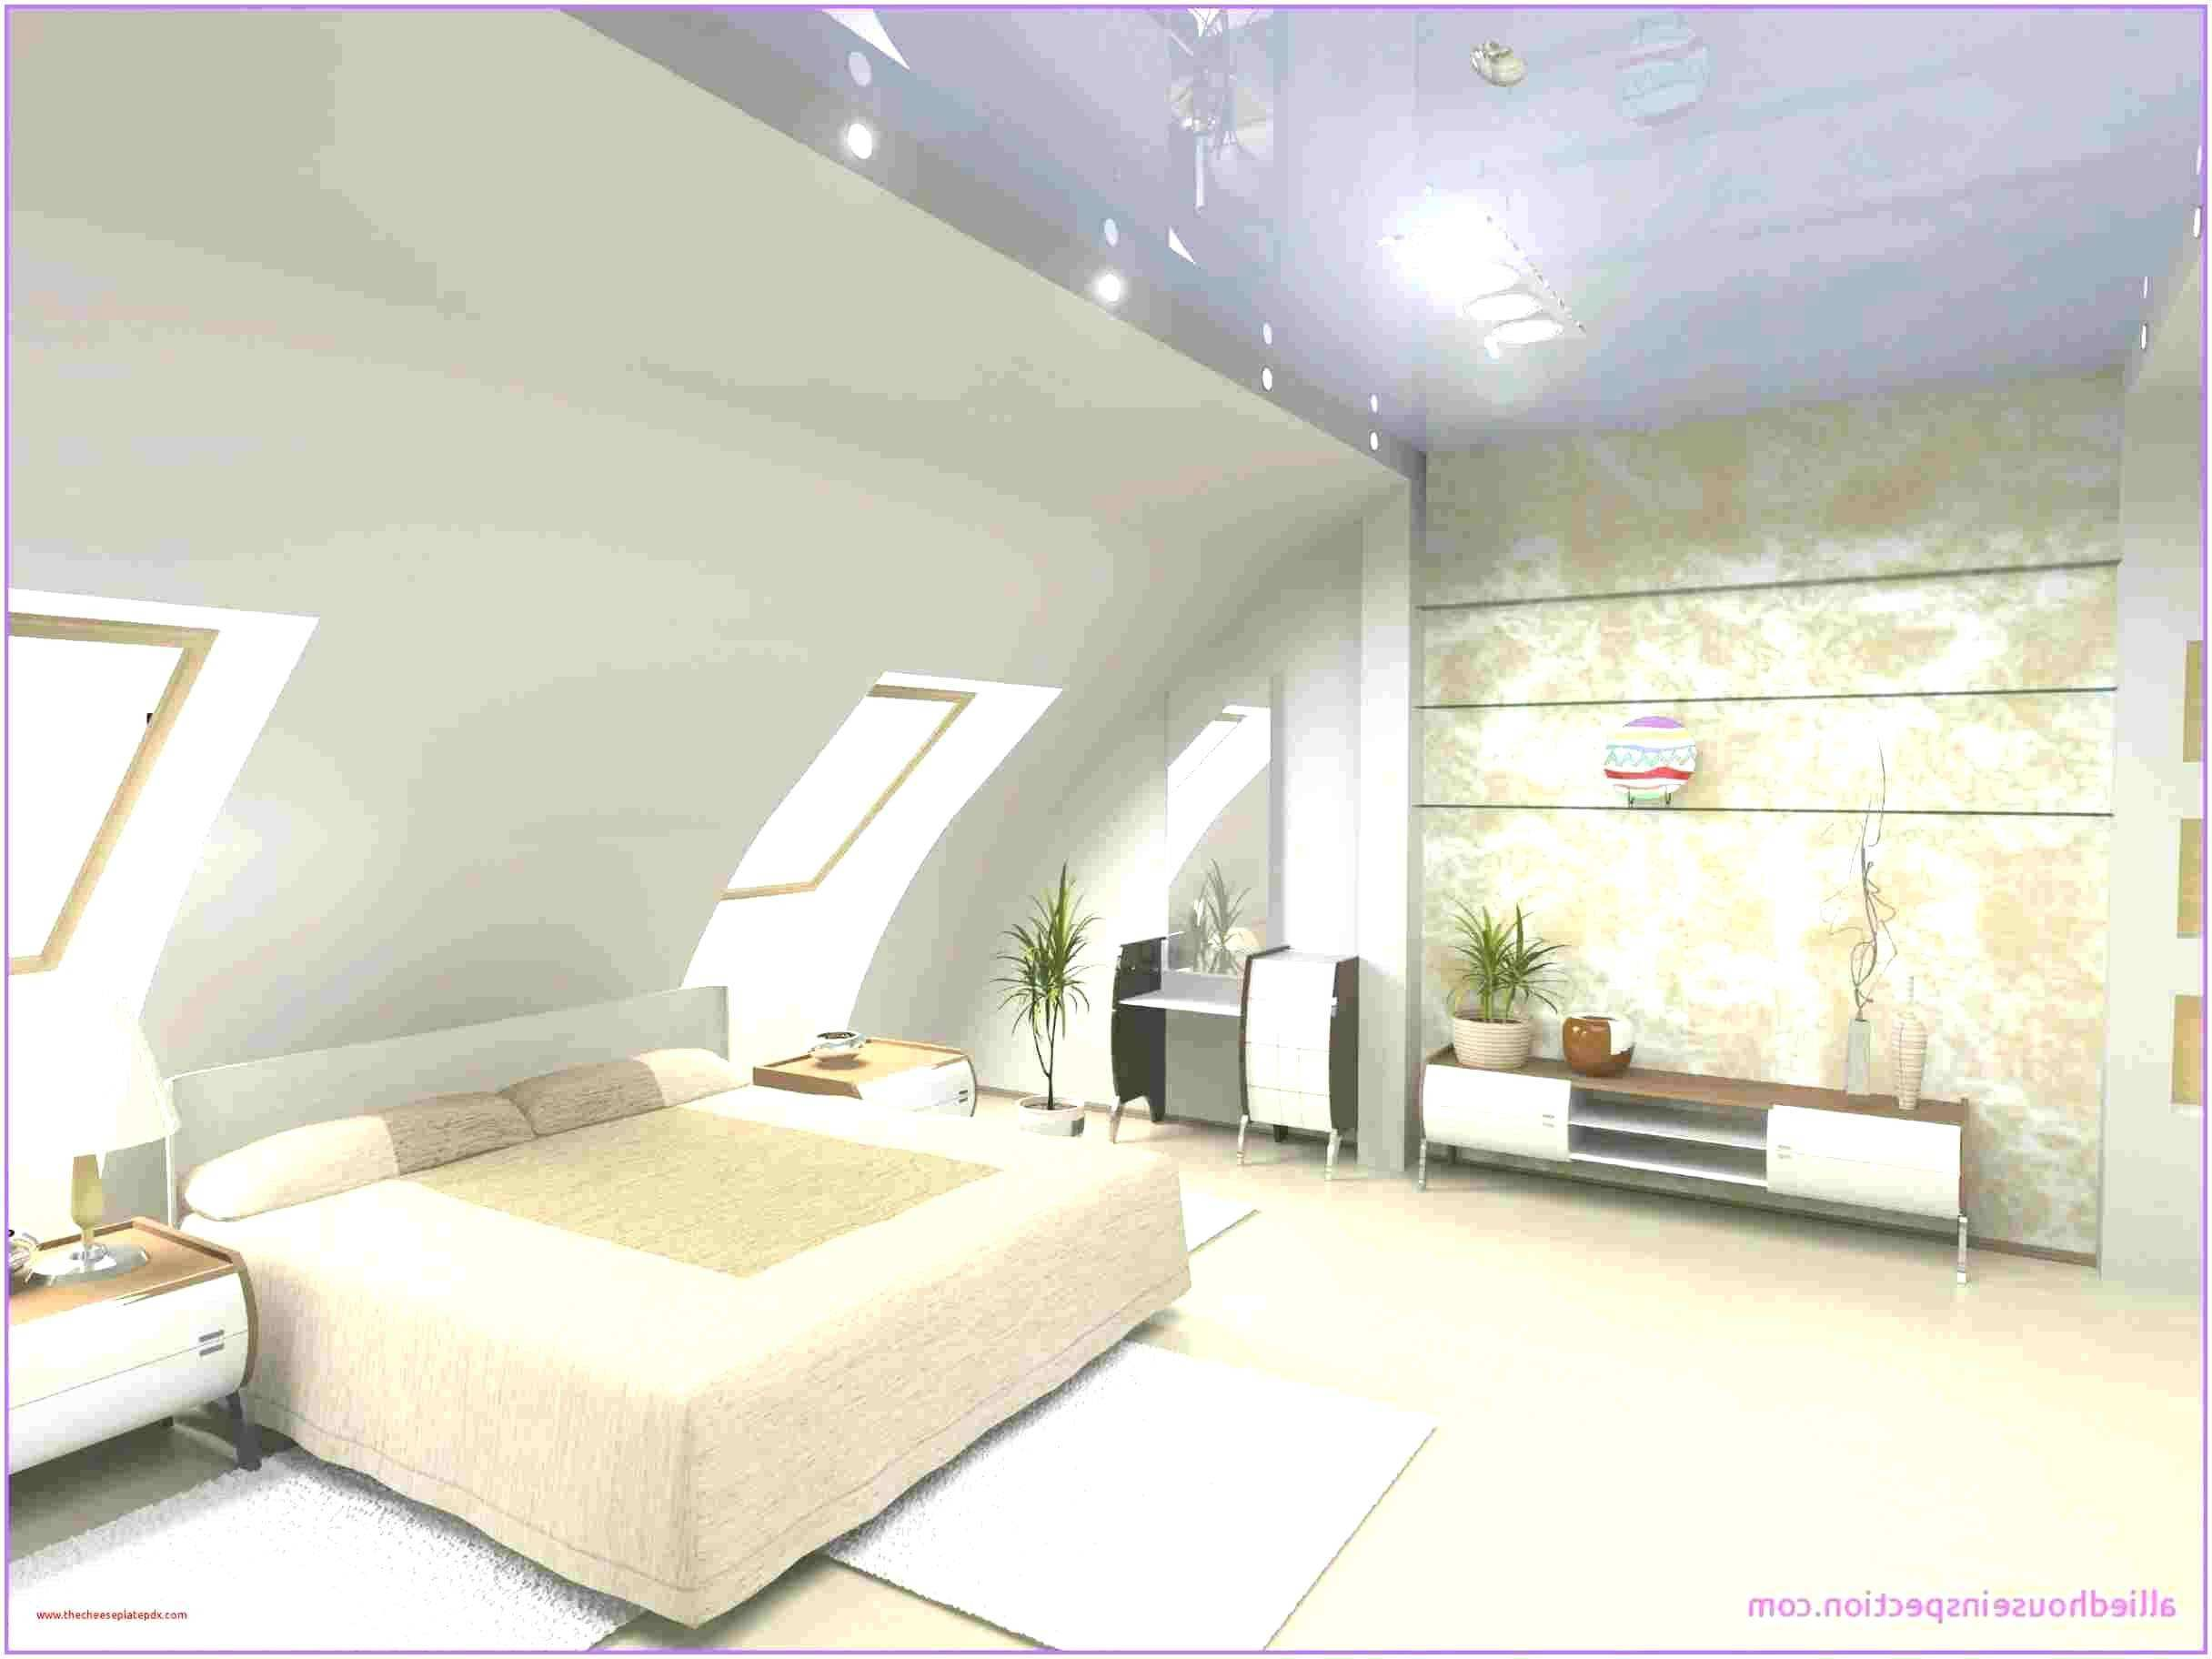 Full Size of Deckenleuchte Schlafzimmer Dimmbar Deckenlampe Ikea Lampe Design E27 Led Pinterest Modern Skandinavisch Genial Wohnzimmer Das Deko Teppich Wandtattoo Gardinen Schlafzimmer Deckenlampe Schlafzimmer